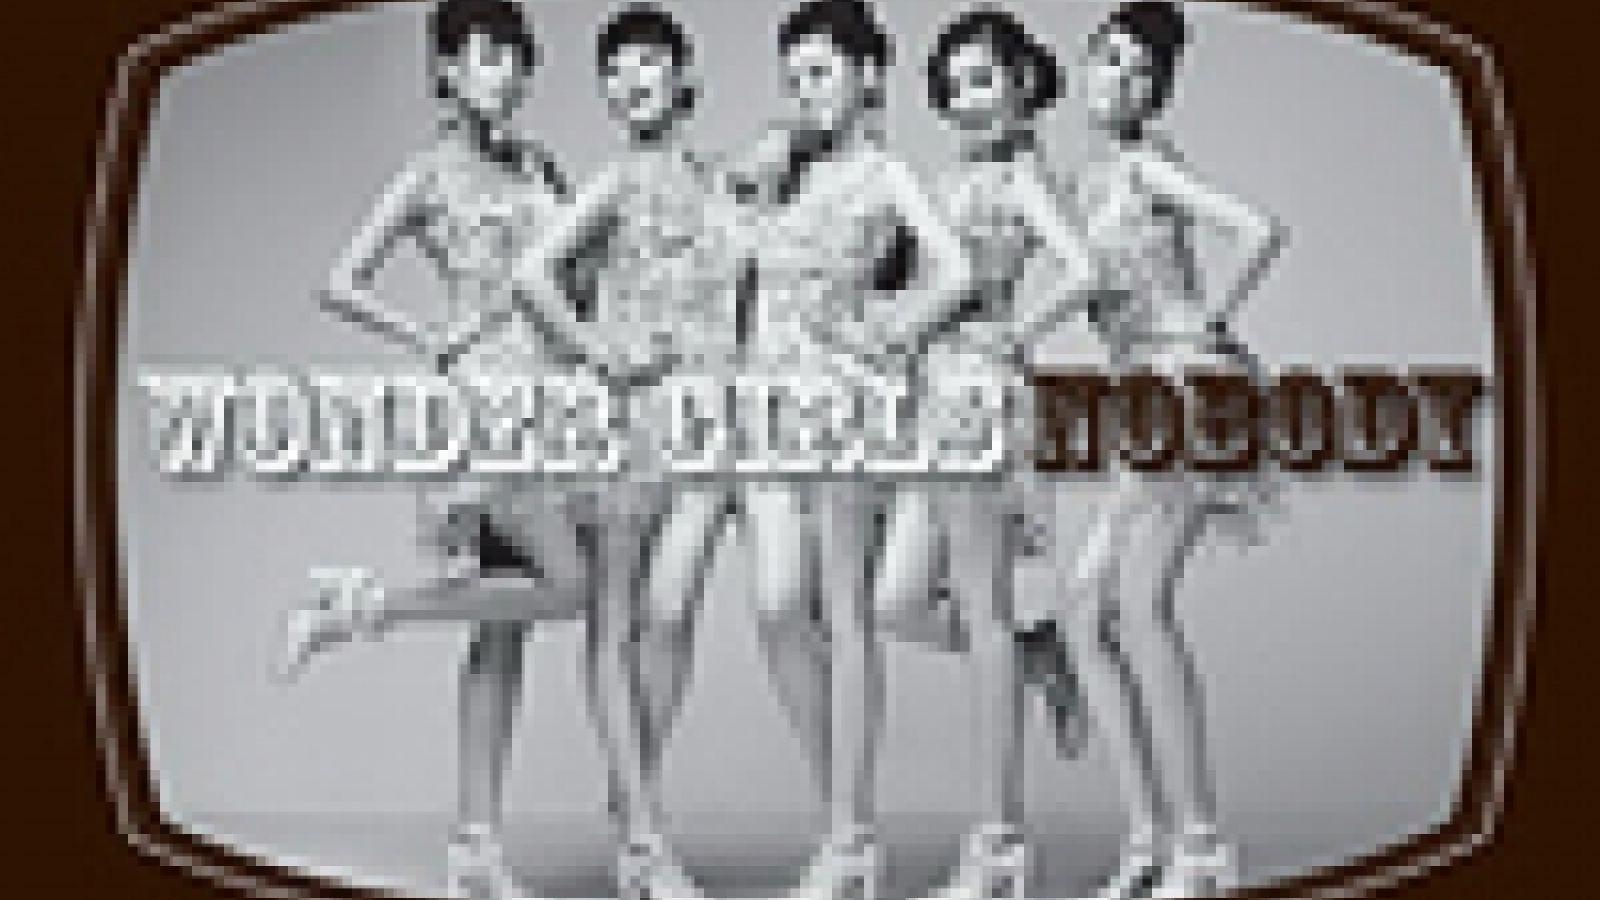 Lançamento da versão em inglês de Nobody das Wonder Girls © KoME